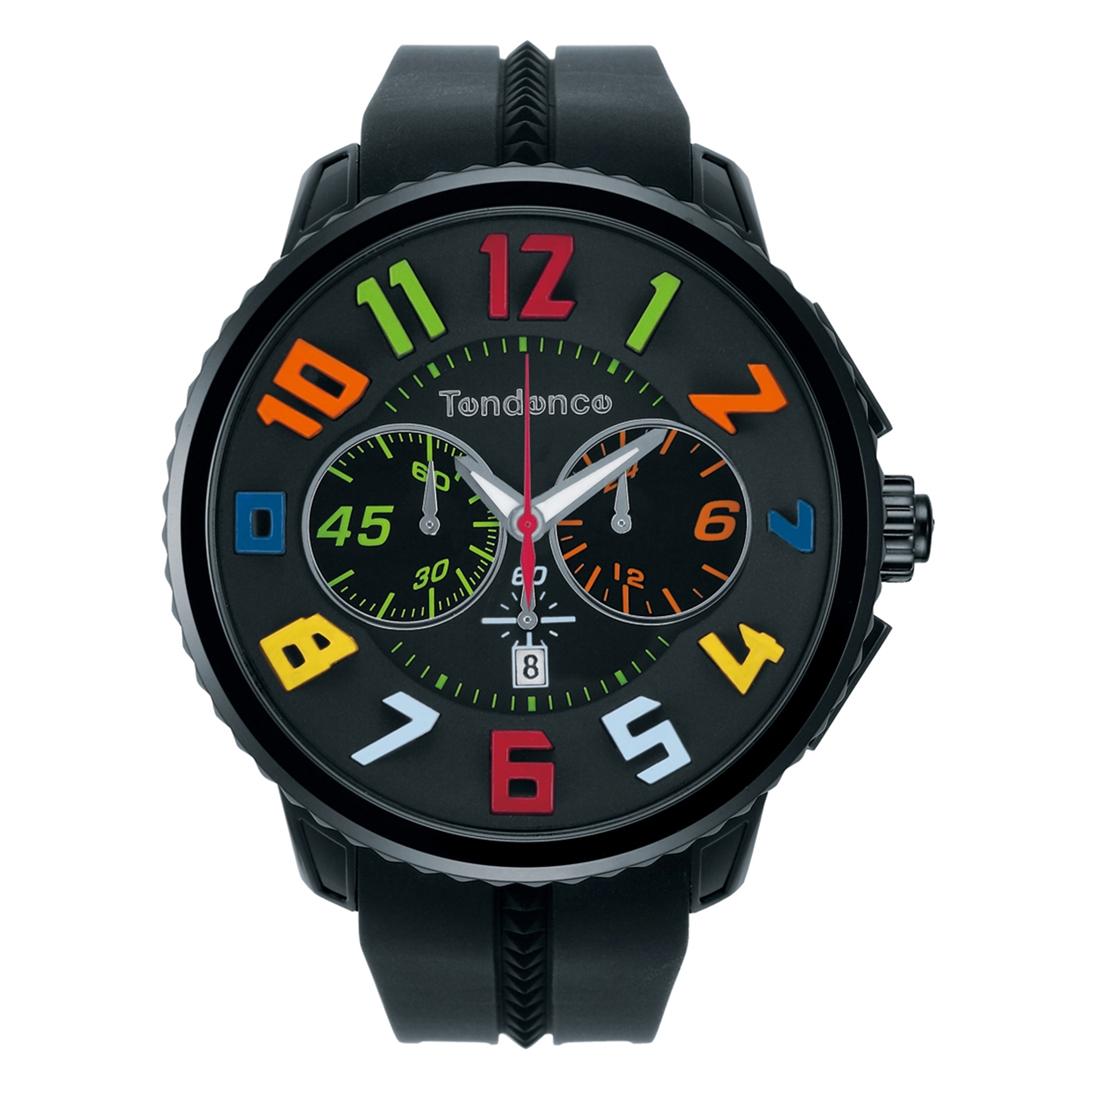 正規品 Tendence テンデンス TY460610 ガリバー ラウンド レインボー クロノグラフ 日本限定モデル 腕時計